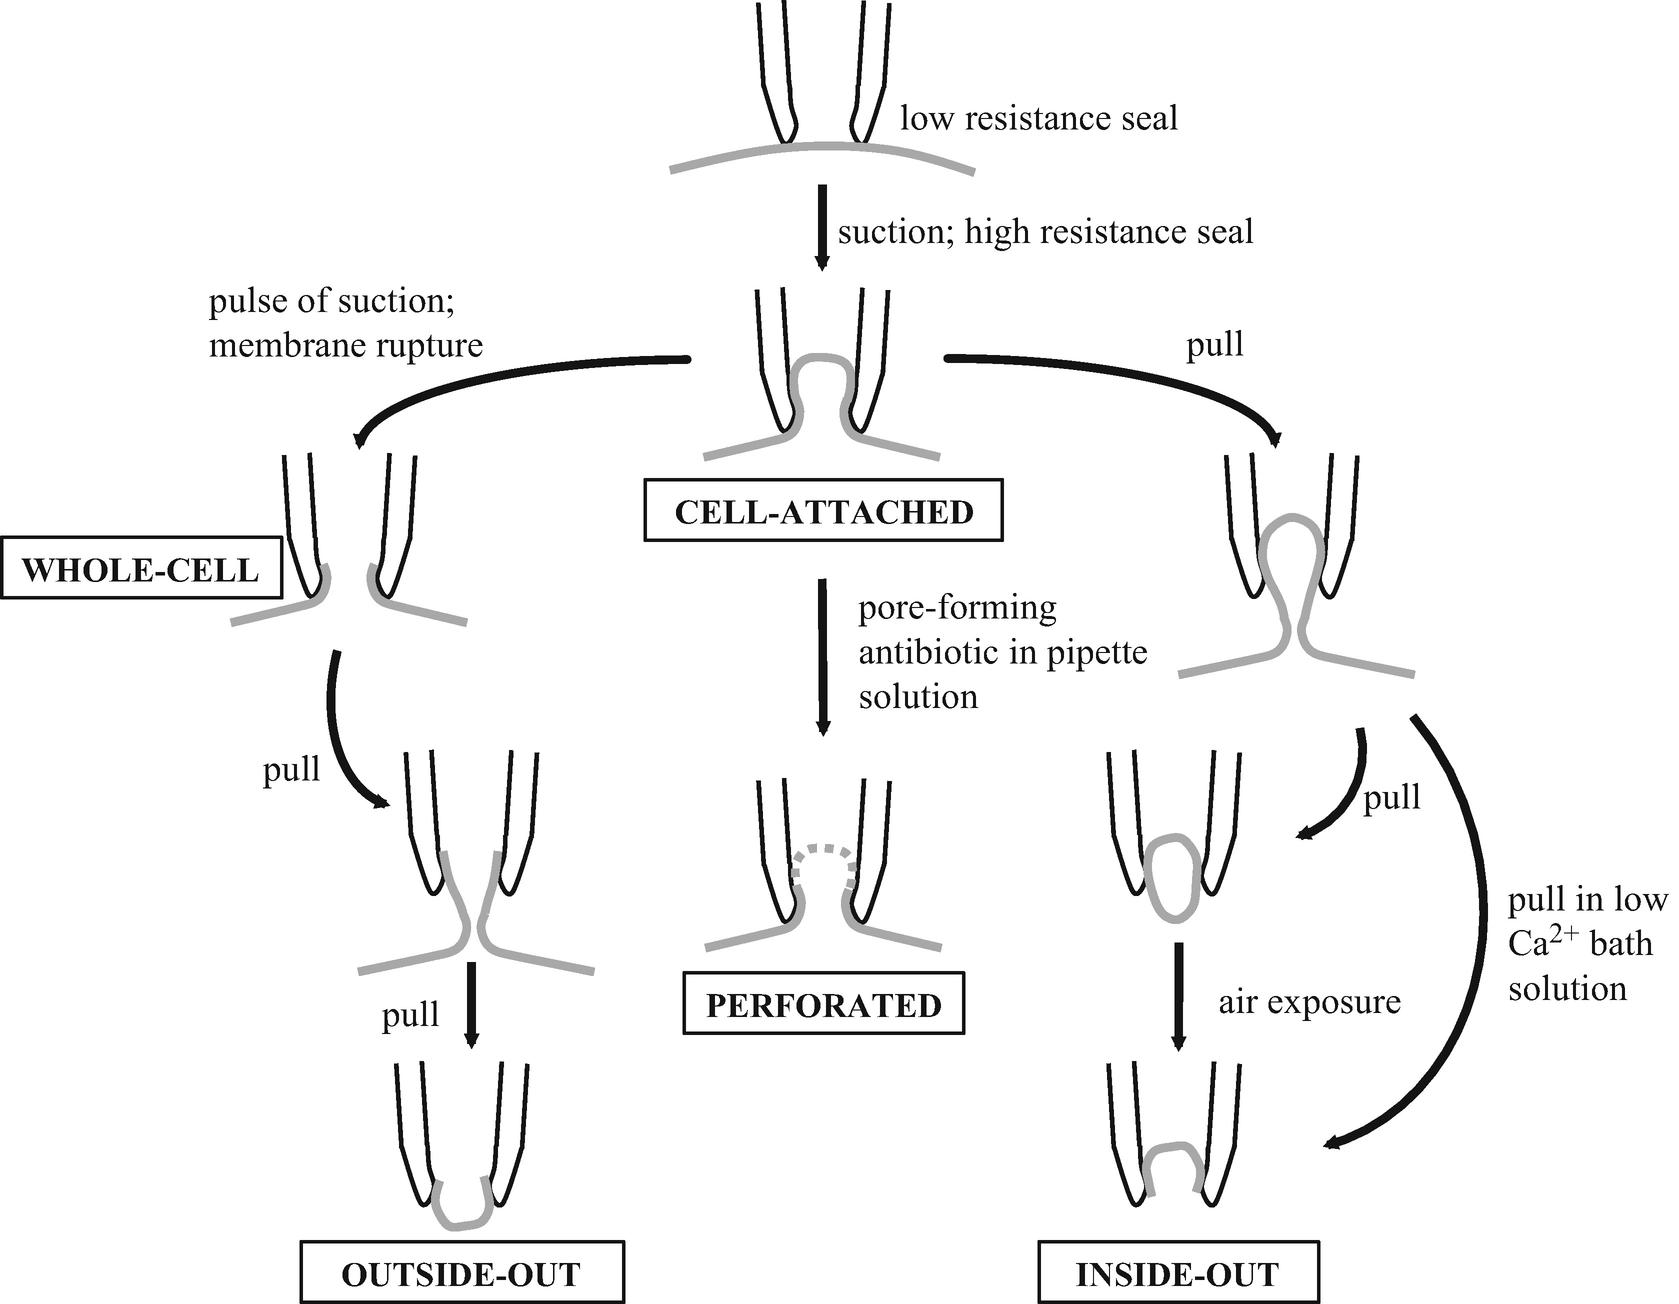 图1 膜片钳的几种记录方式。该示意图说明了膜片钳针尖与细胞膜表面的相互作用,以及达成膜片钳装置内各种记录方式的步骤。